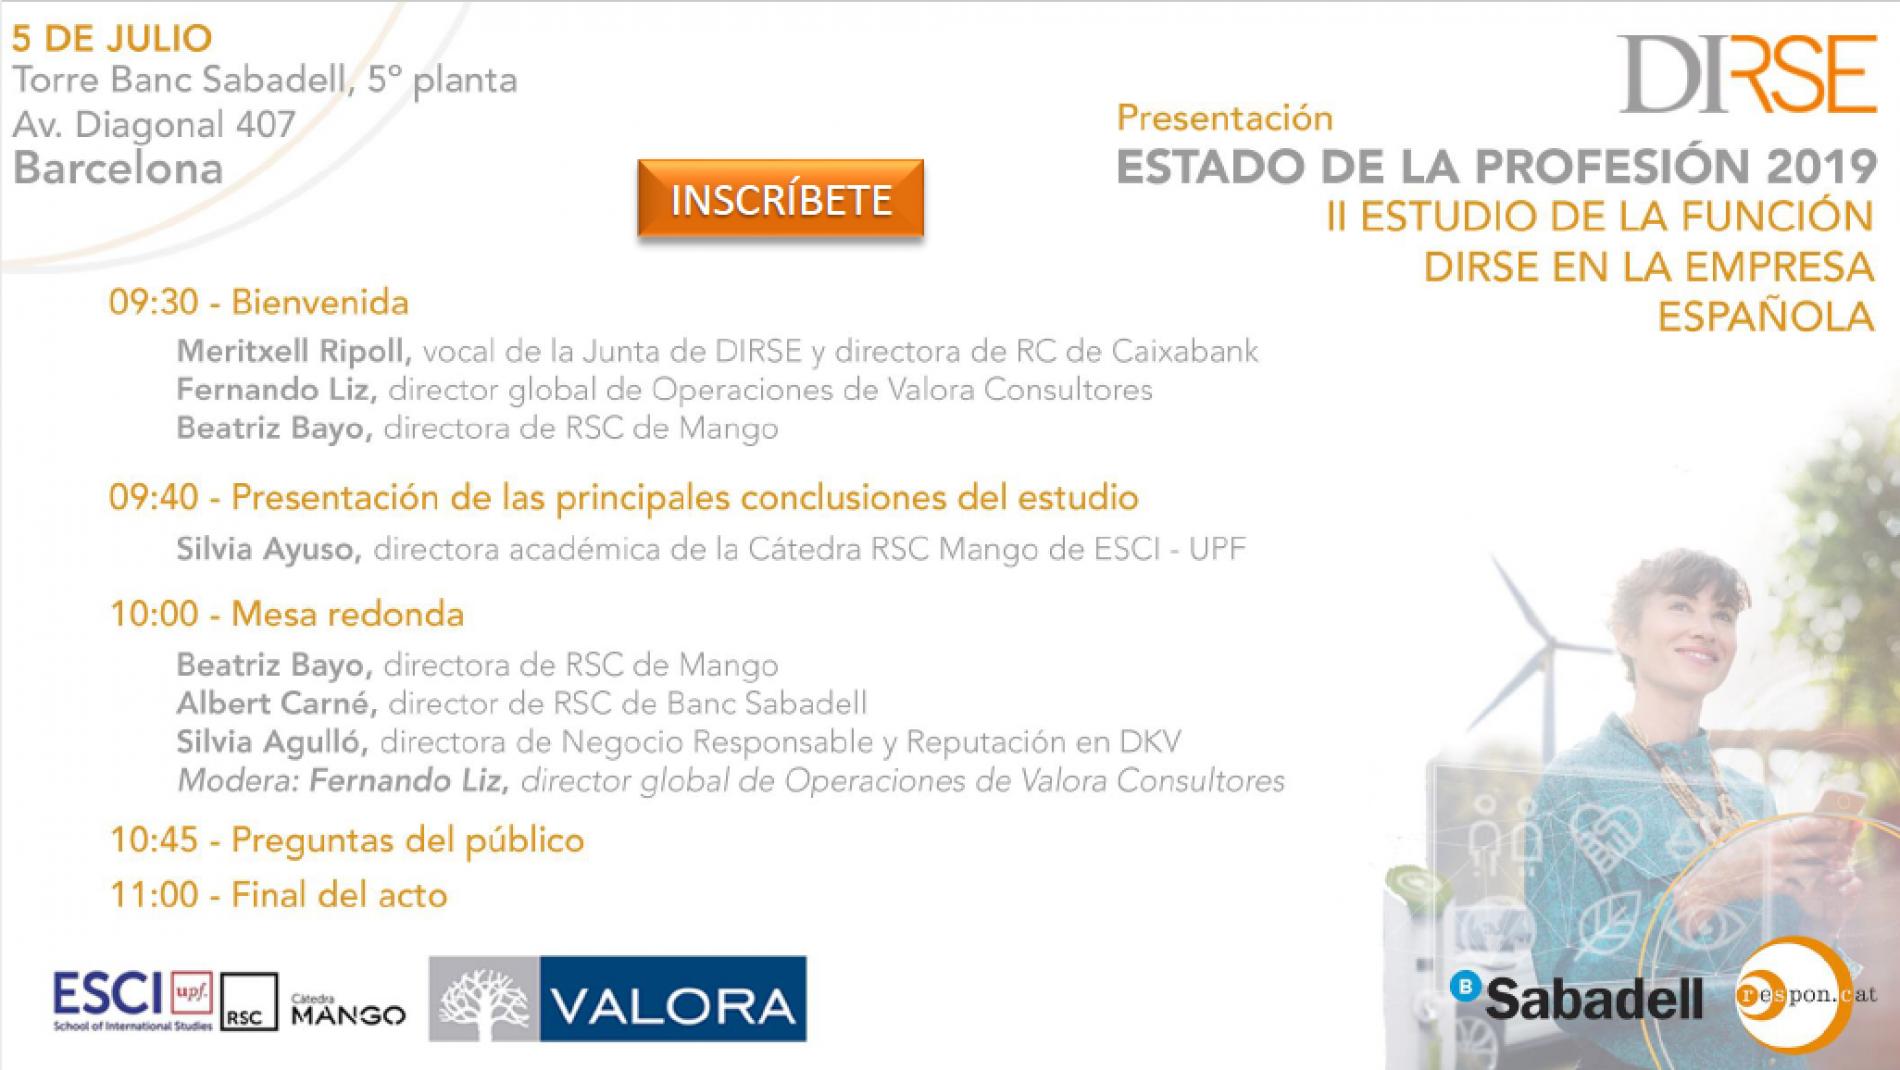 DIRSE organitza una jornada de presentació del II Estudi de la funció DIRSE a l'empresa espanyola